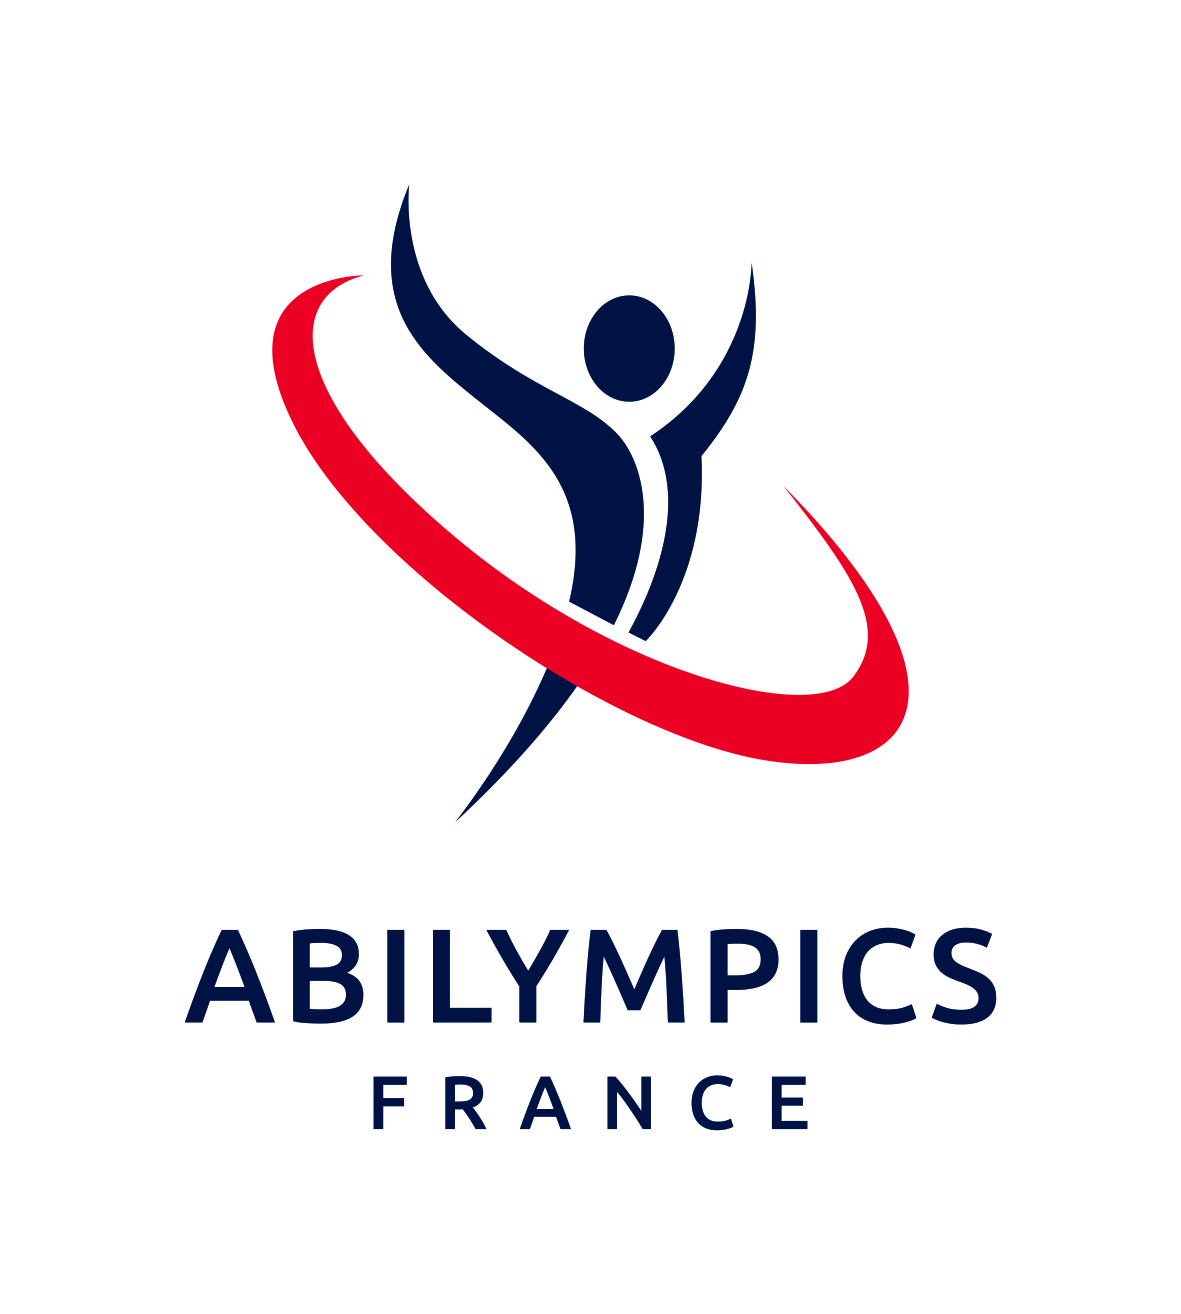 logo Abilympics France